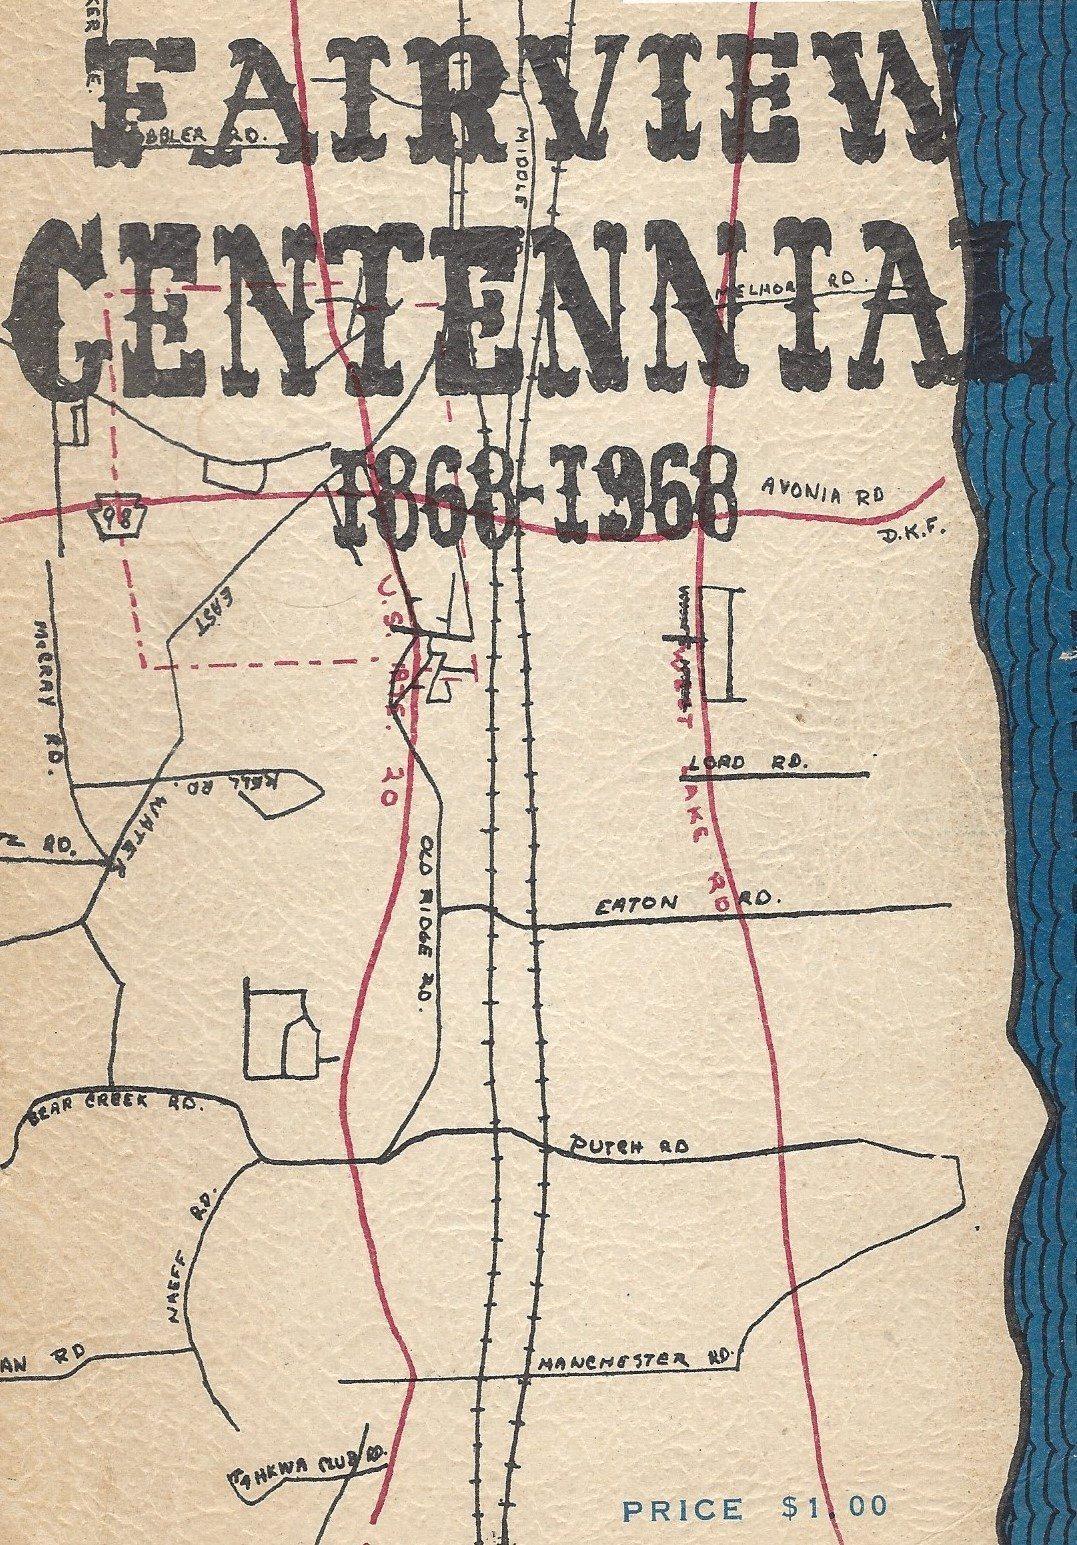 Centenial Booklet